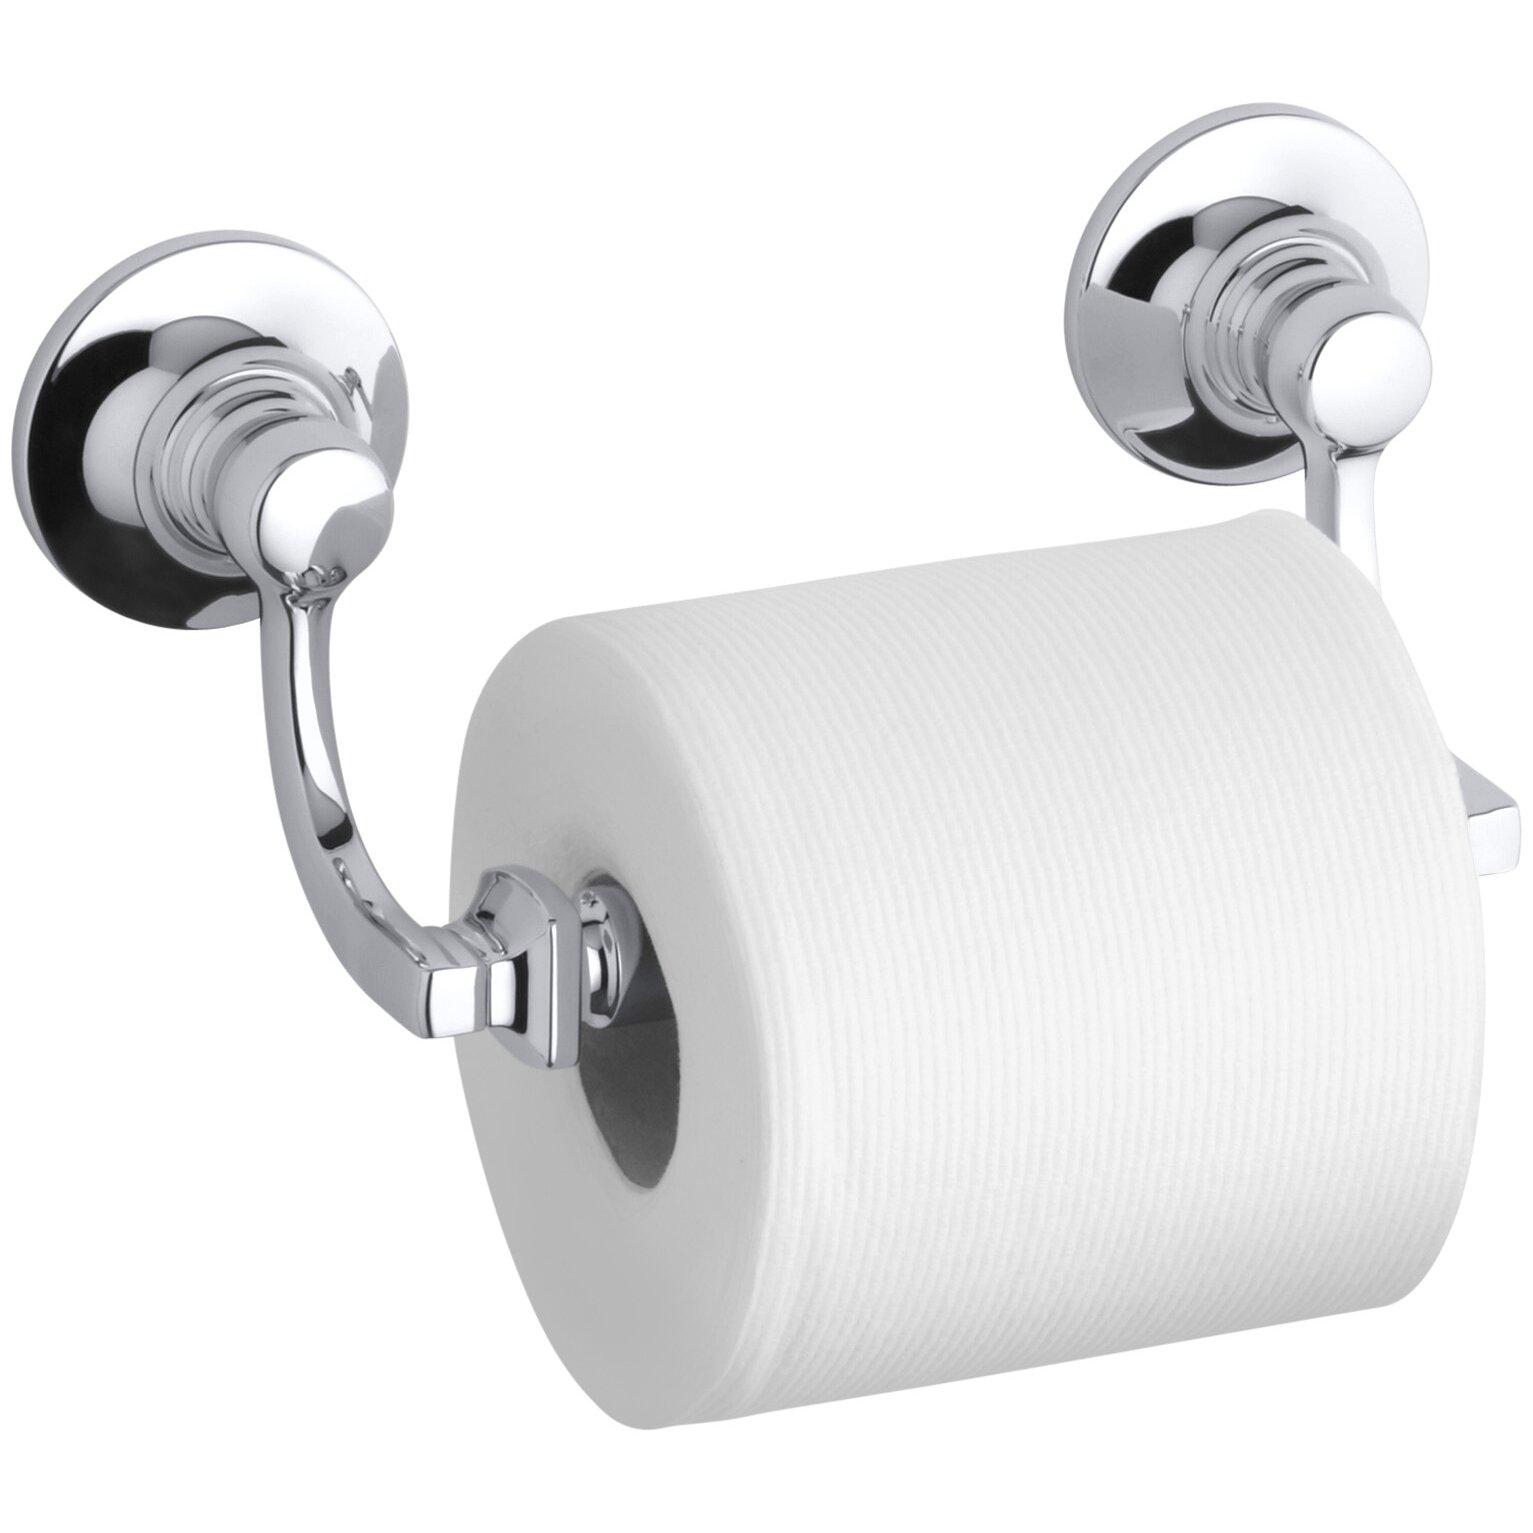 Kohler Bancroft Toilet Tissue Holder. Kohler Bancroft Toilet Tissue Holder   Reviews   Wayfair